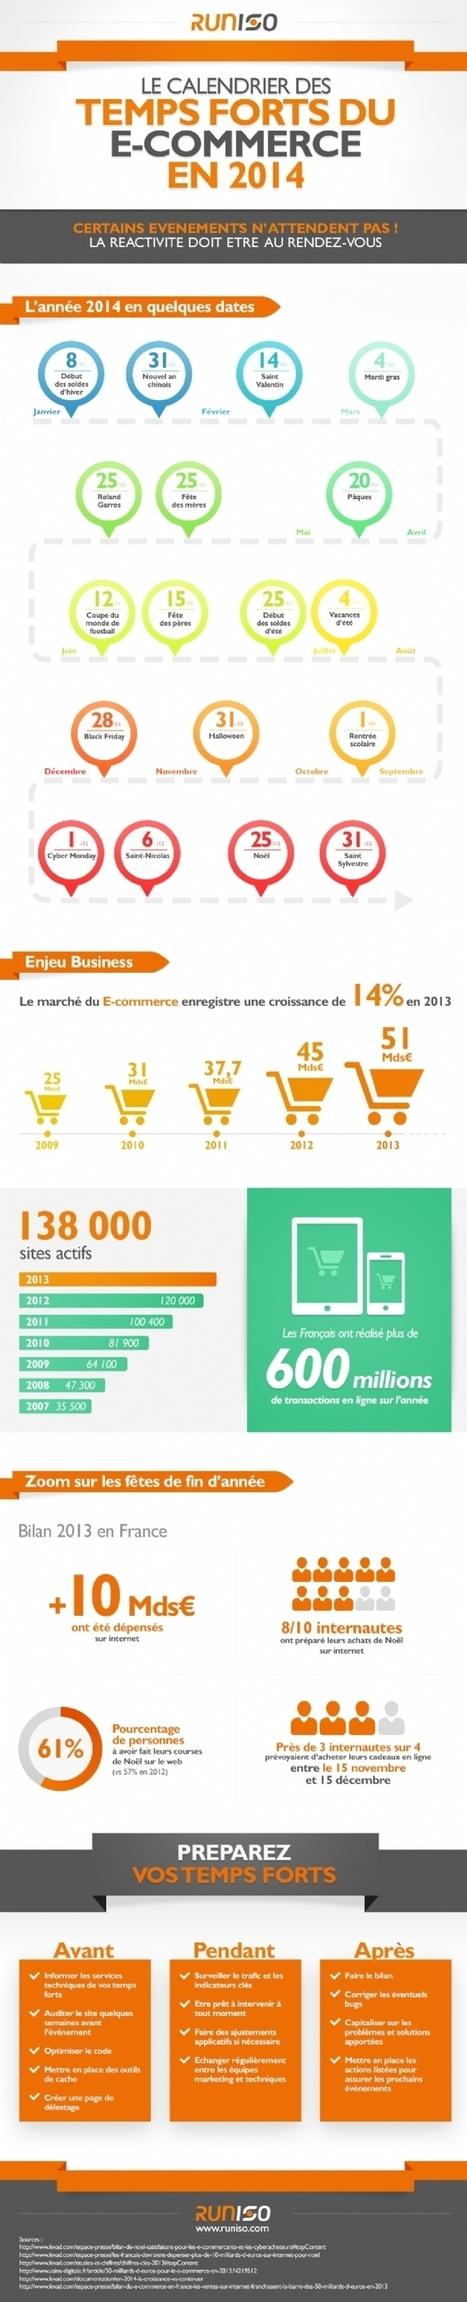 Infographie | Calendrier des temps forts de l'e-commerce | Daily Digital Marketing | Scoop.it